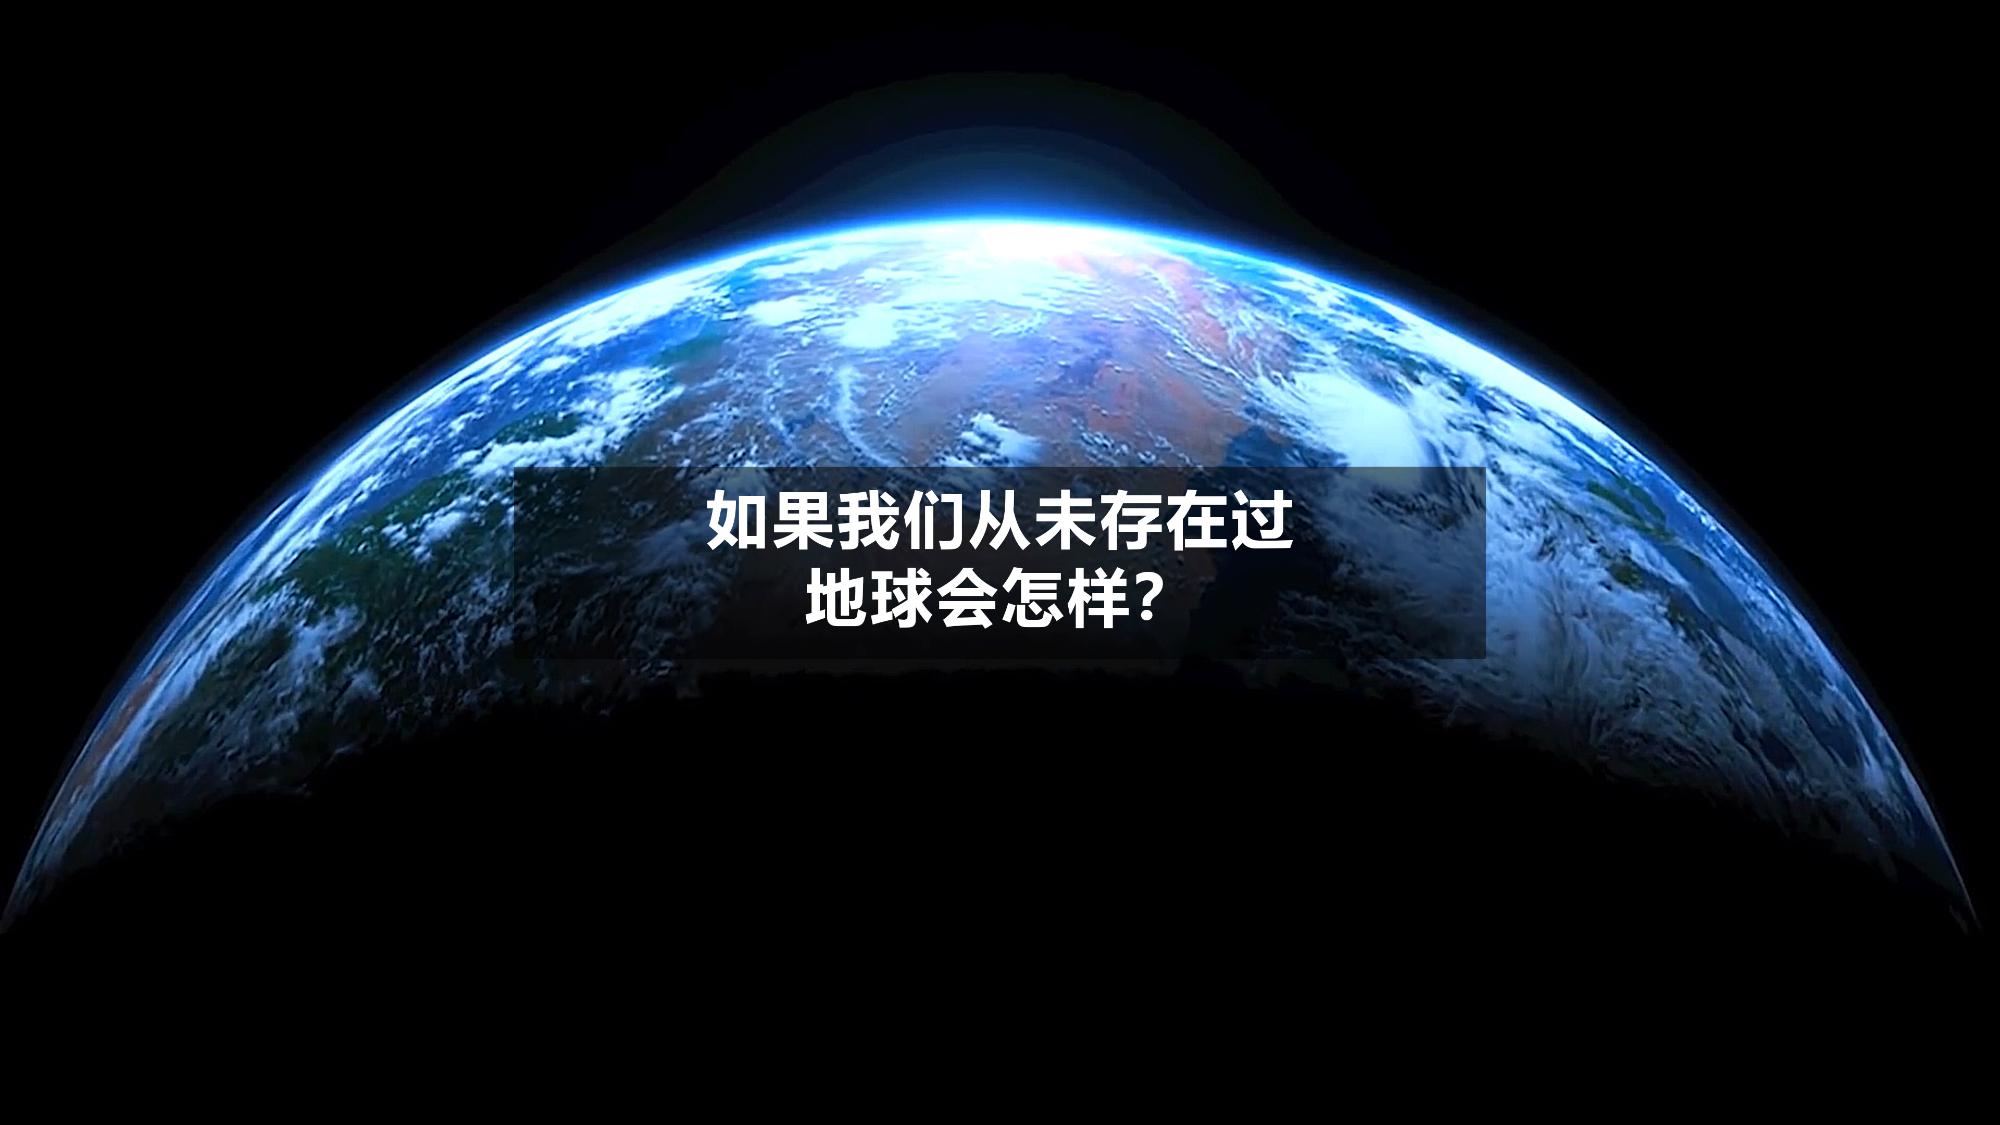 一个没有人类的世界,如果我们从未存在过,地球会怎样?